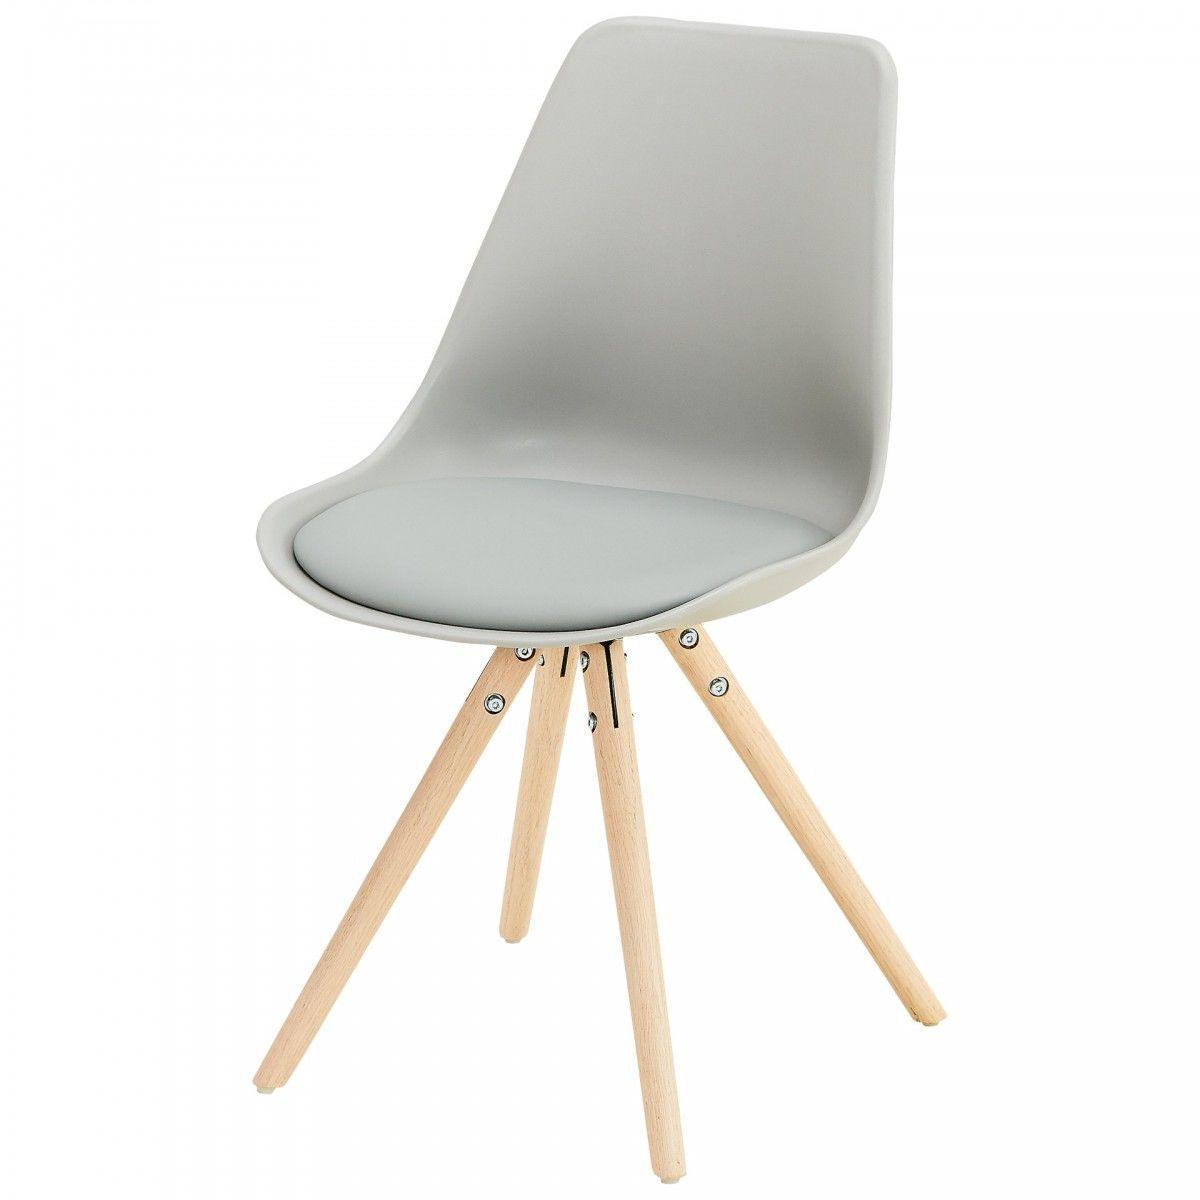 Schalenstuhl Woody (grau) Stühle, Esszimmerstühle